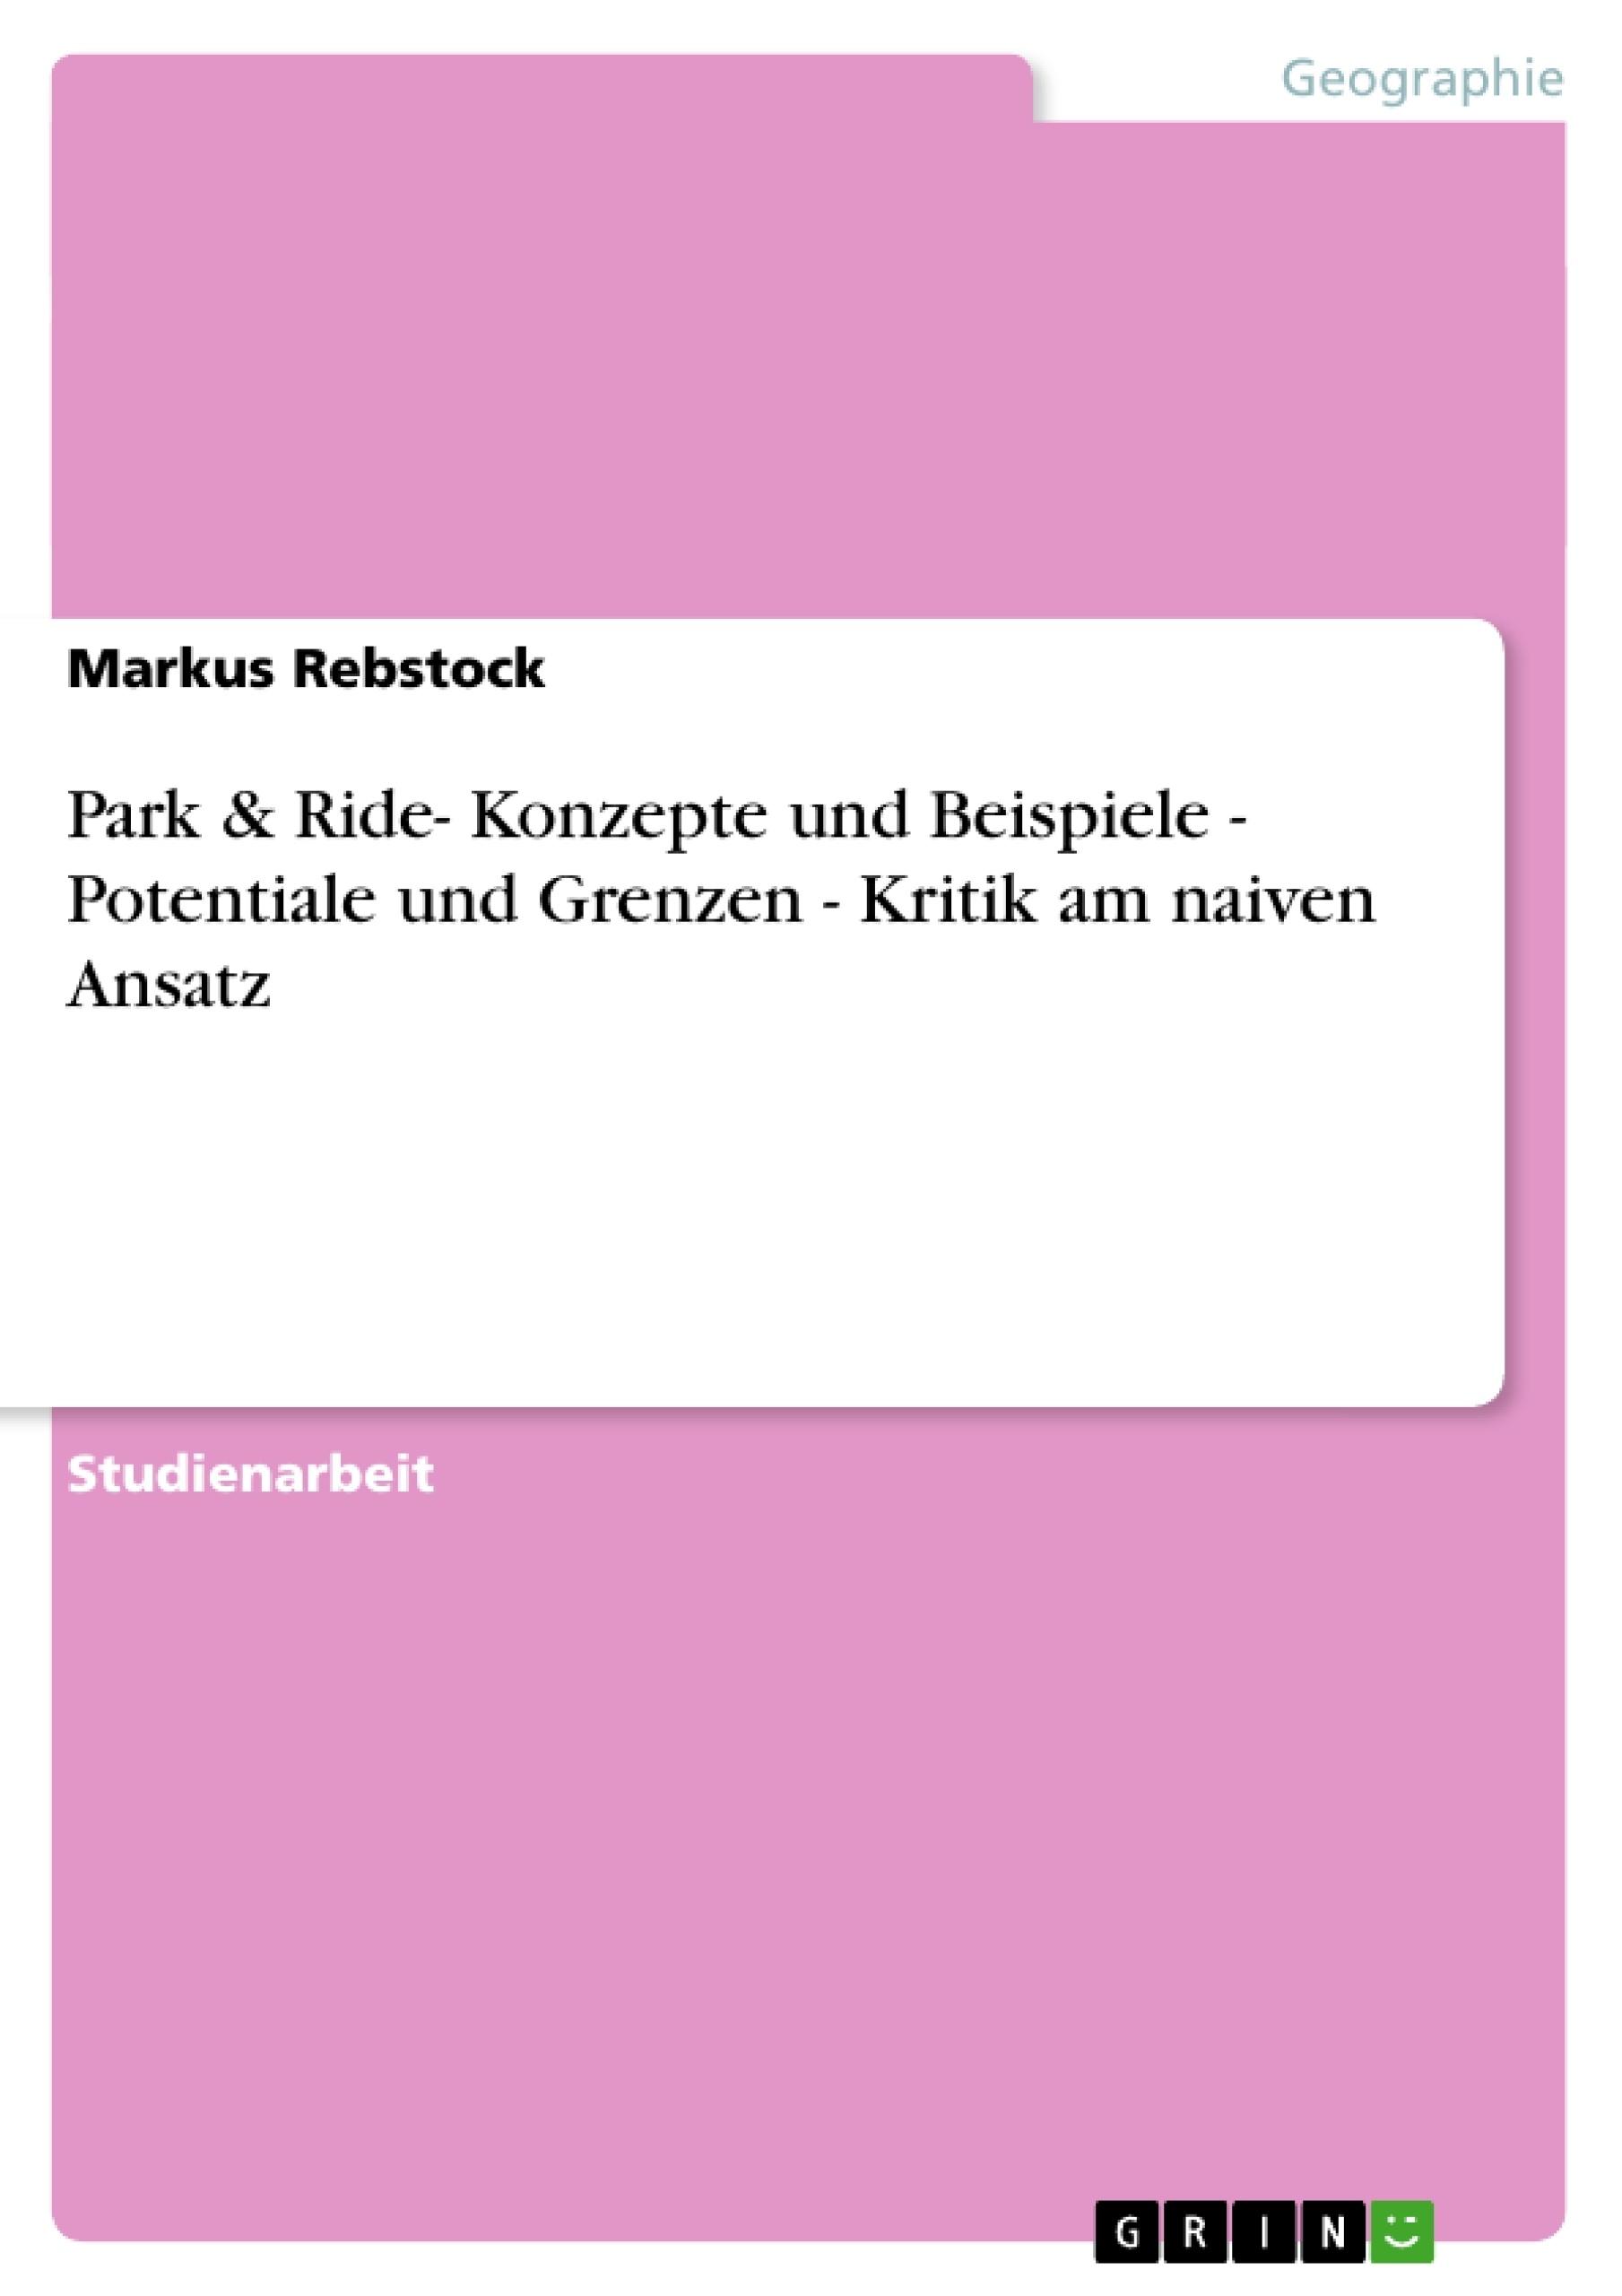 Titel: Park & Ride- Konzepte und Beispiele - Potentiale und Grenzen - Kritik am naiven Ansatz